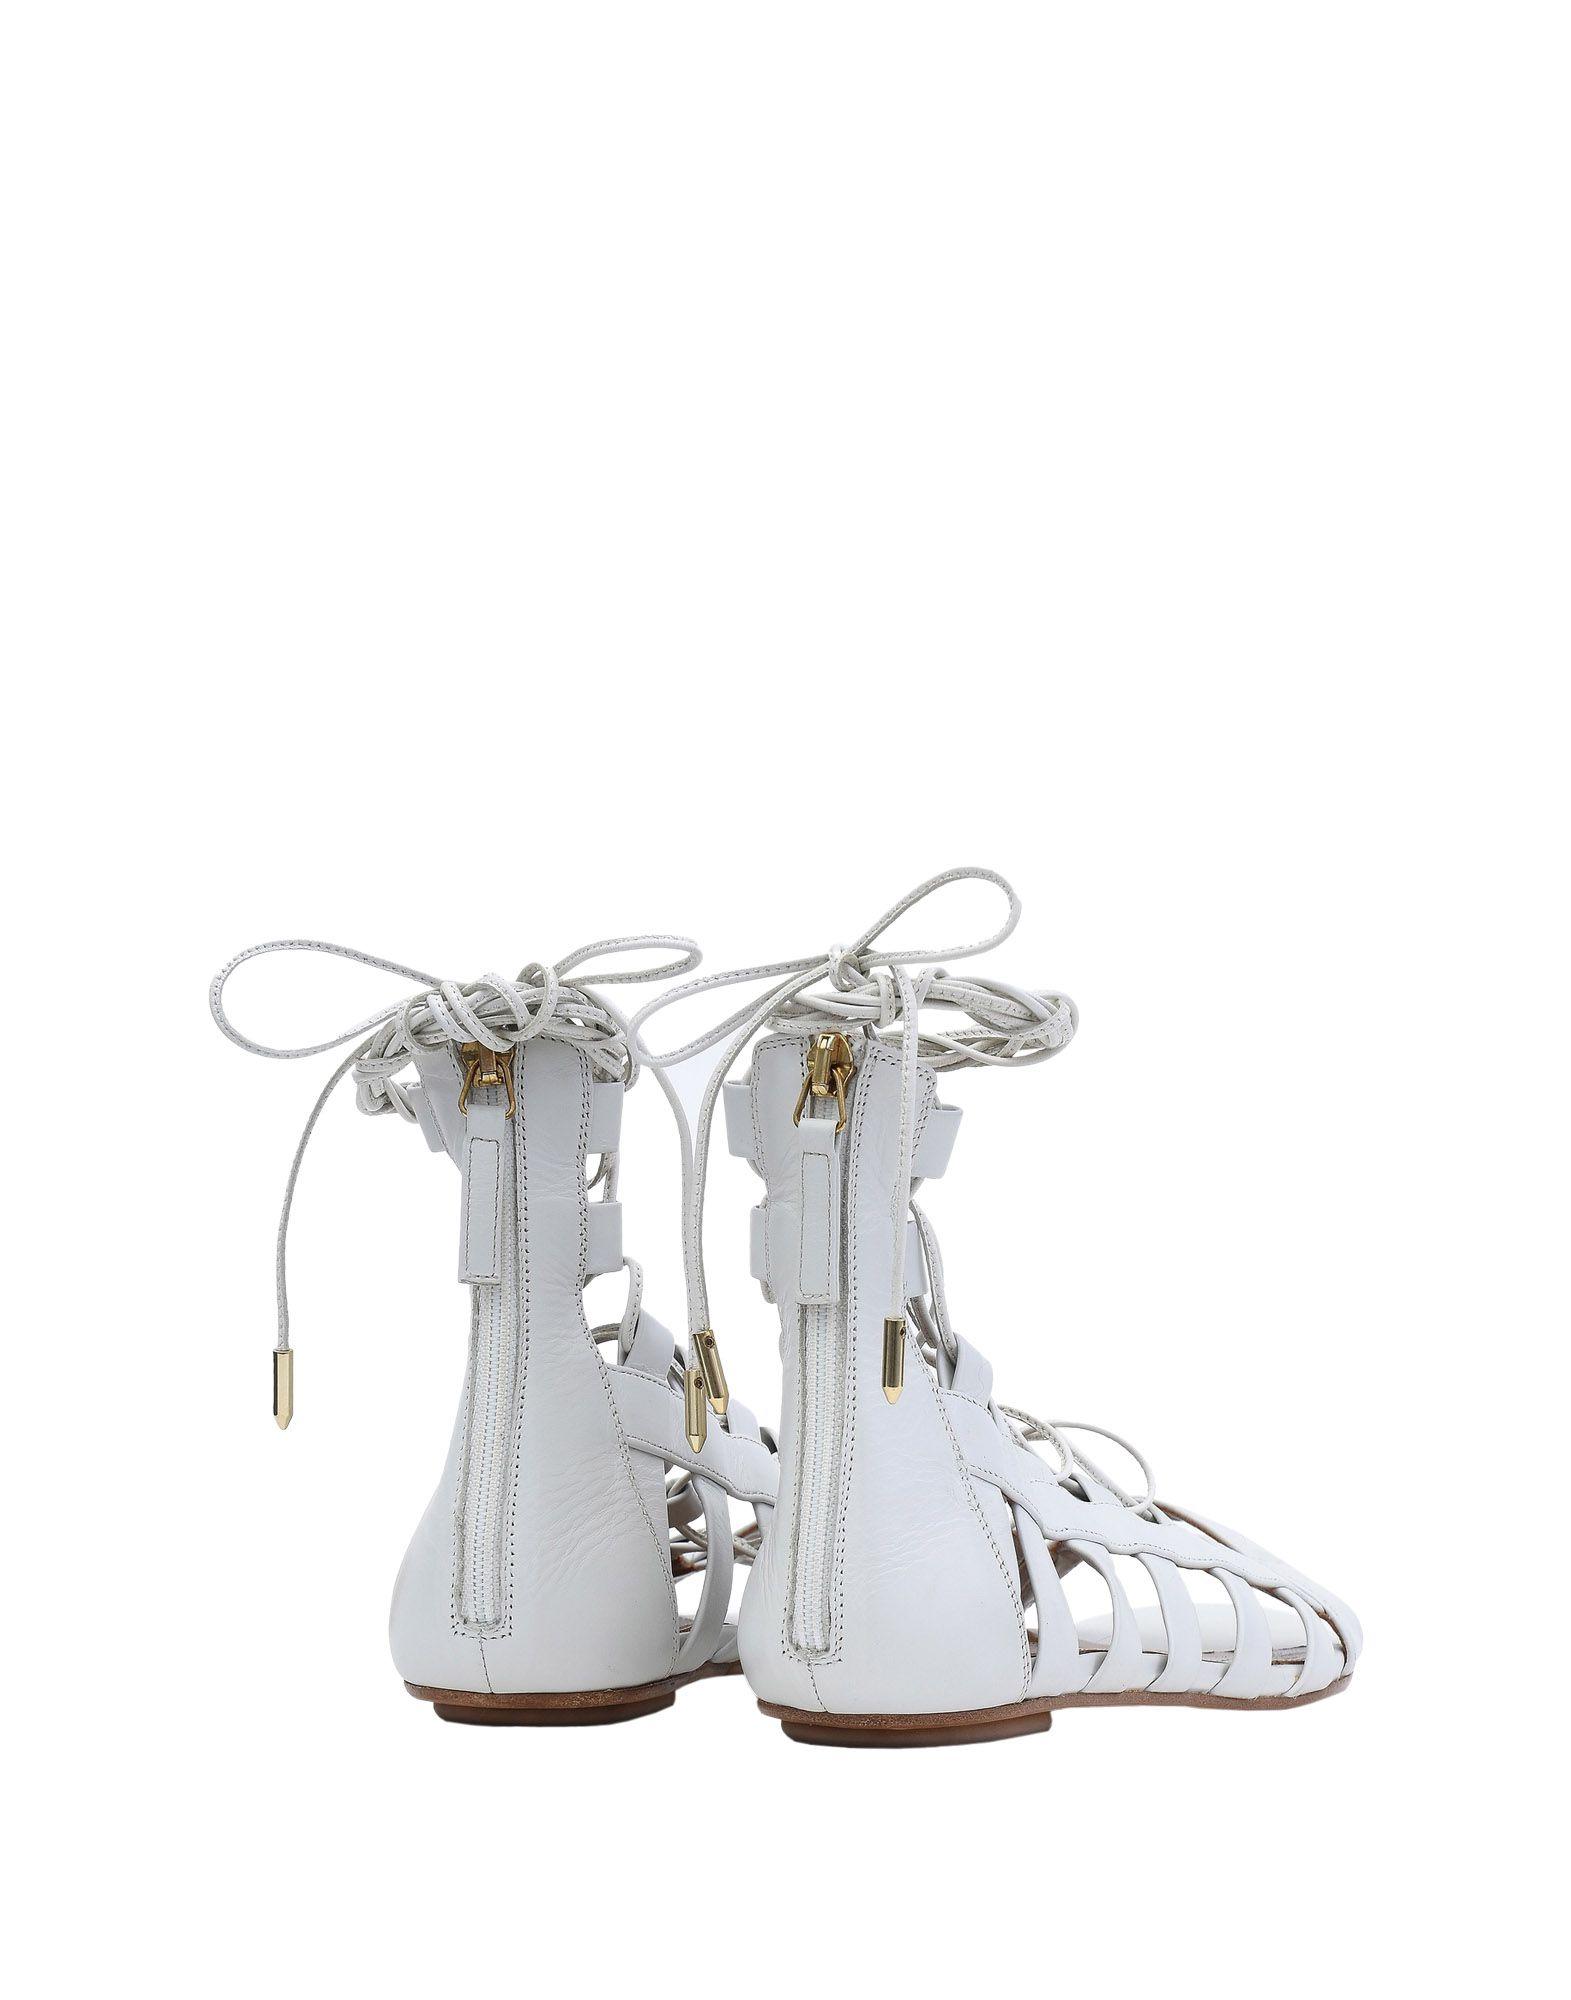 Aquazzura gut Sandalen Damen  11434834OMGünstige gut Aquazzura aussehende Schuhe eeee73